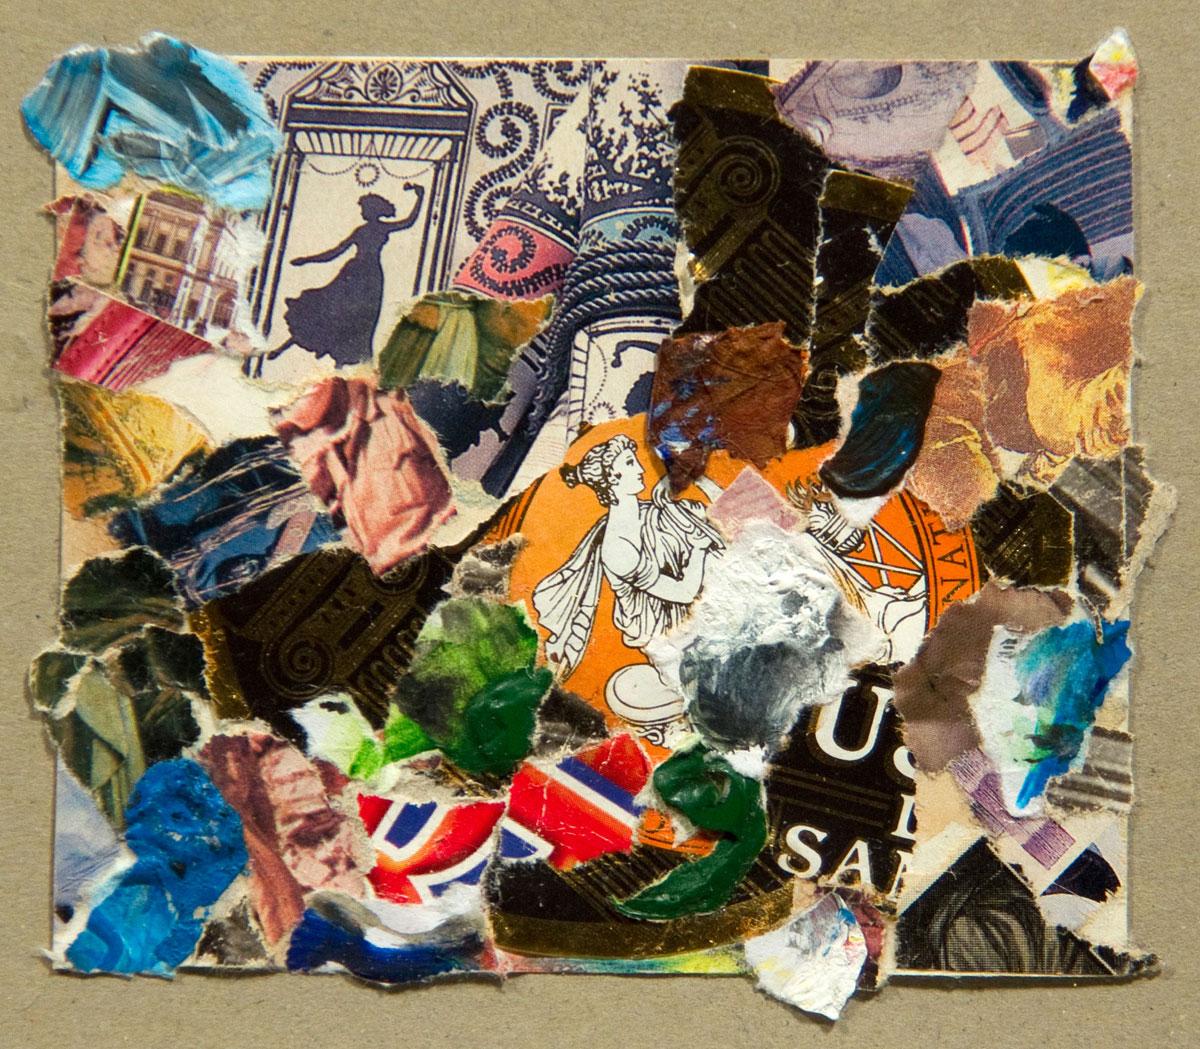 Philippe Briard - Paysages encastrés, 2010, collage acrylique, 8 x 9,5 cm